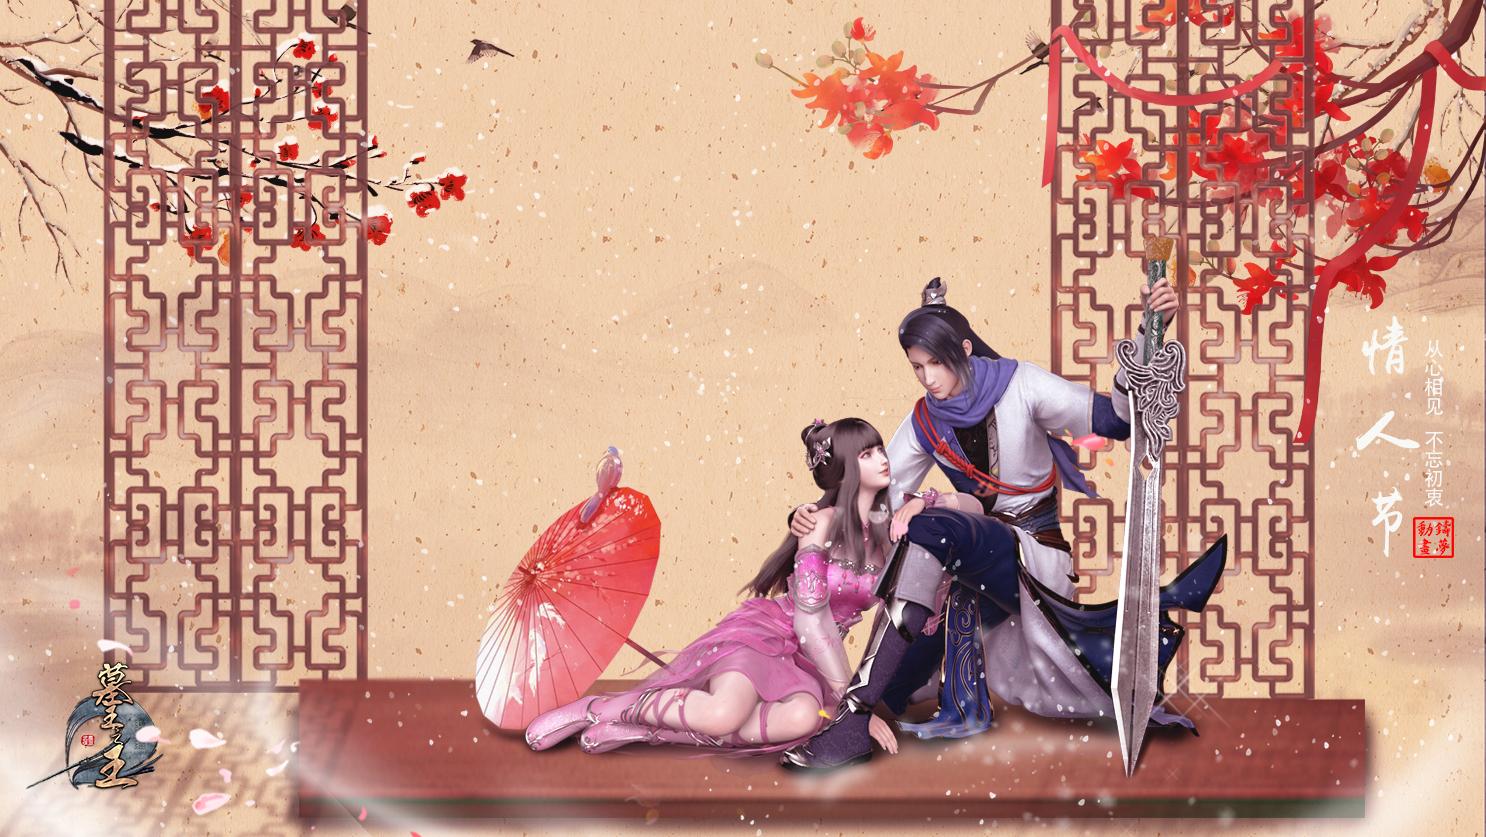 古风动漫墓王之王节日美图